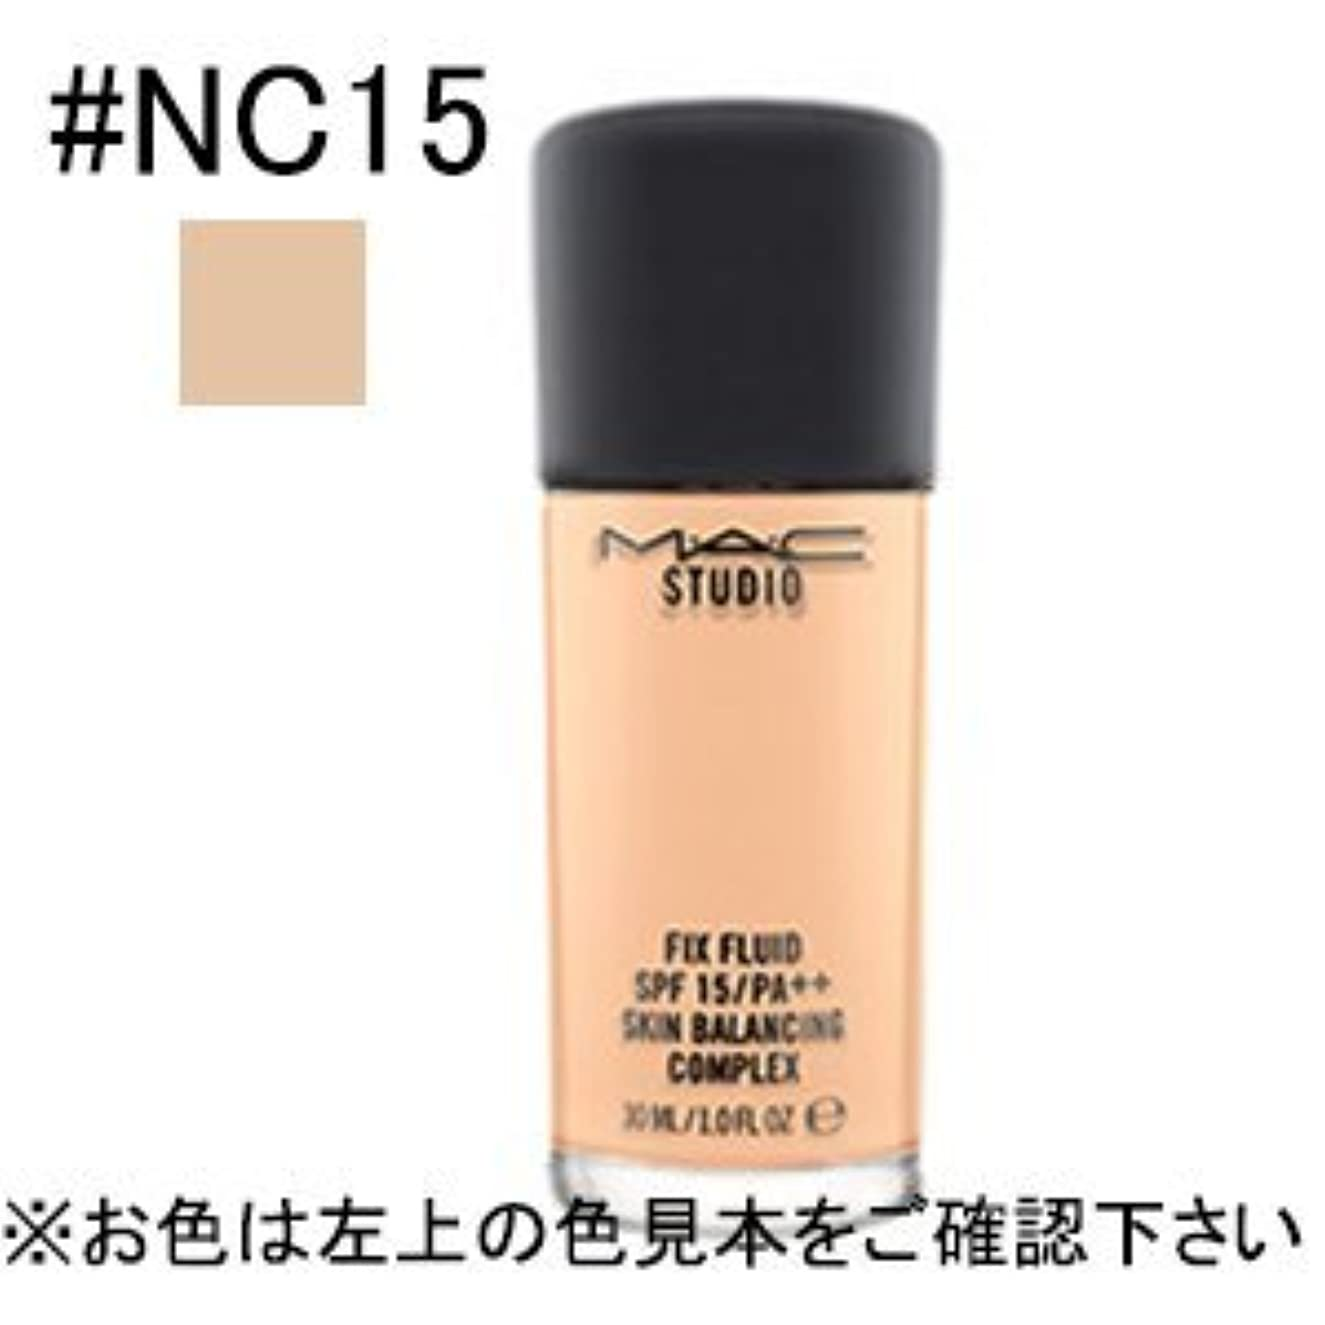 部神経トレーニング【MAC リキッドファンデーション】スタジオ フィックス フルイッド #NC15